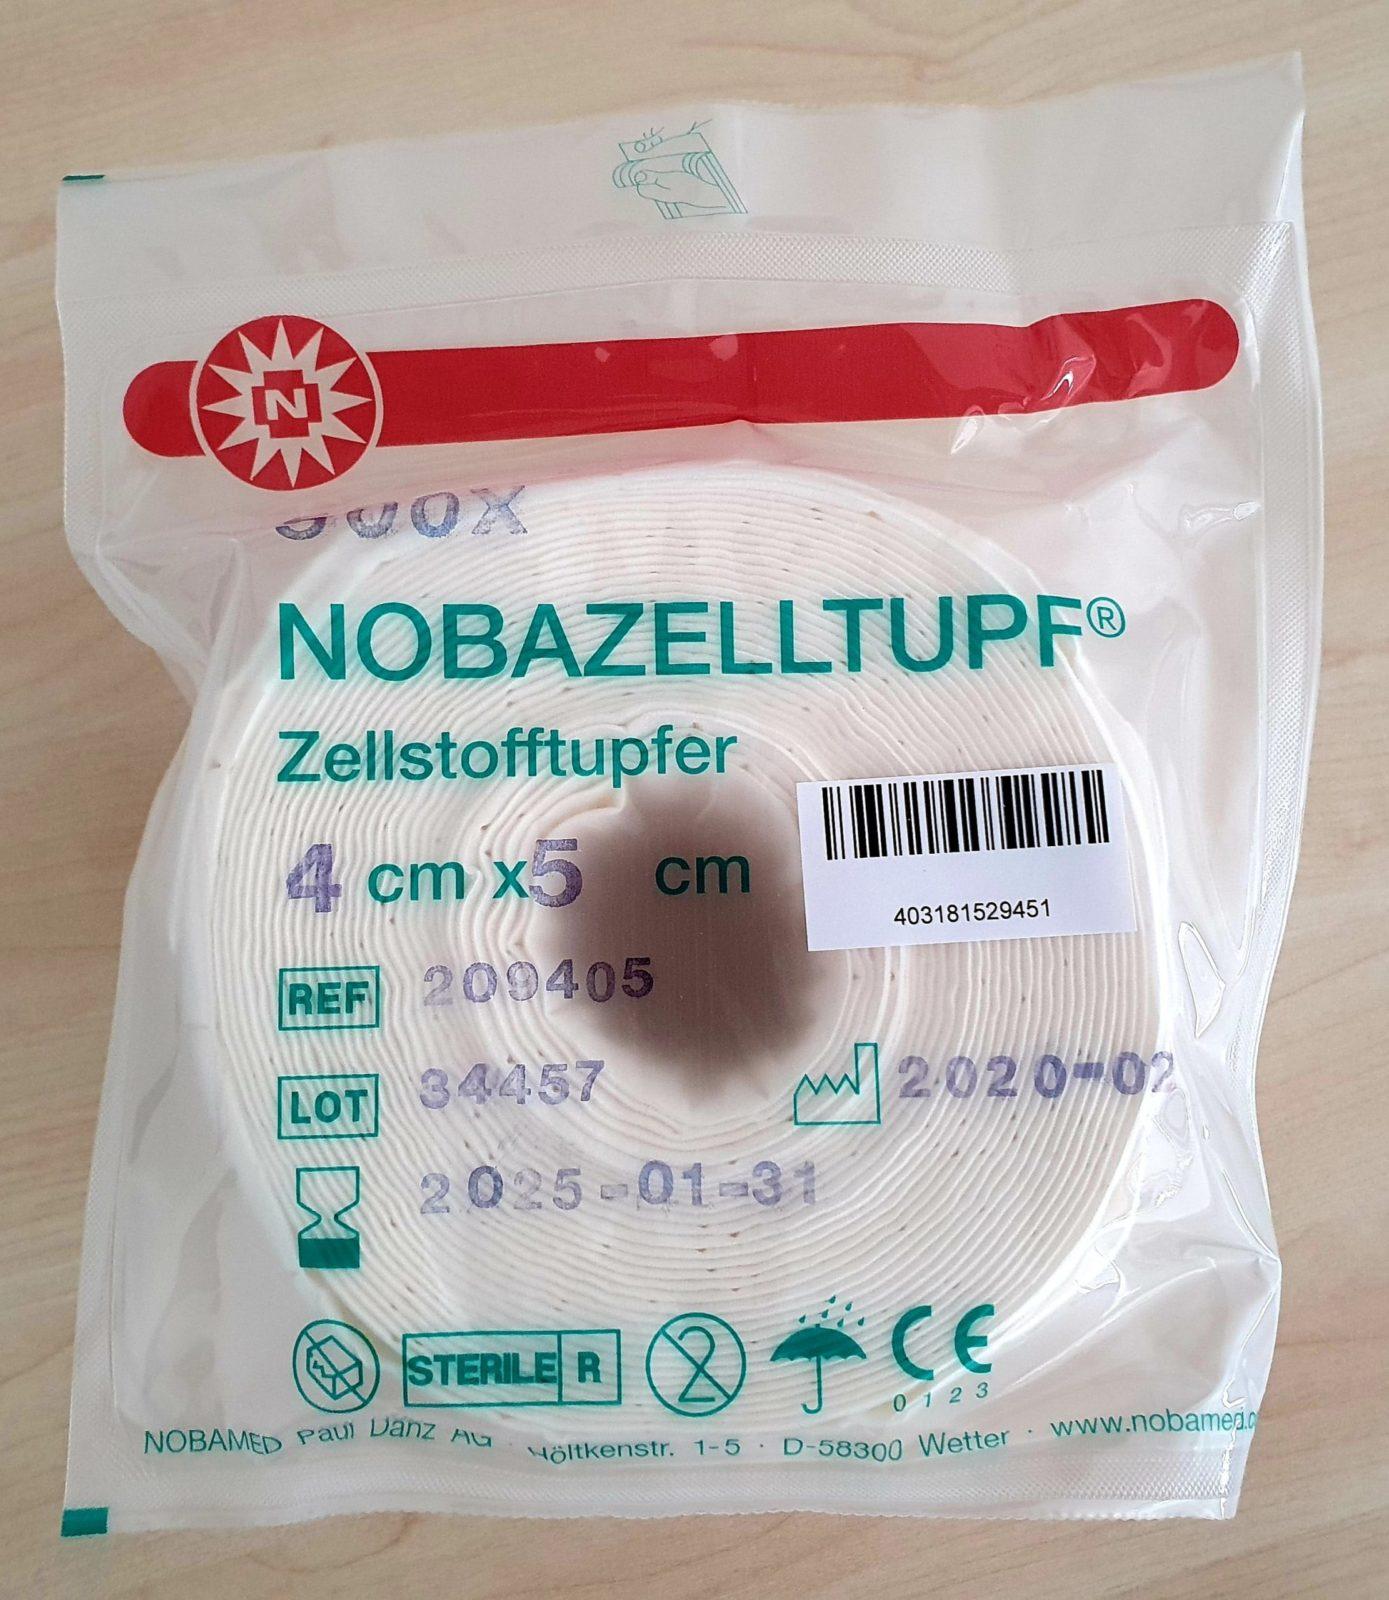 NOBAZELLTUPF® Zellstofftupfer - STERIL